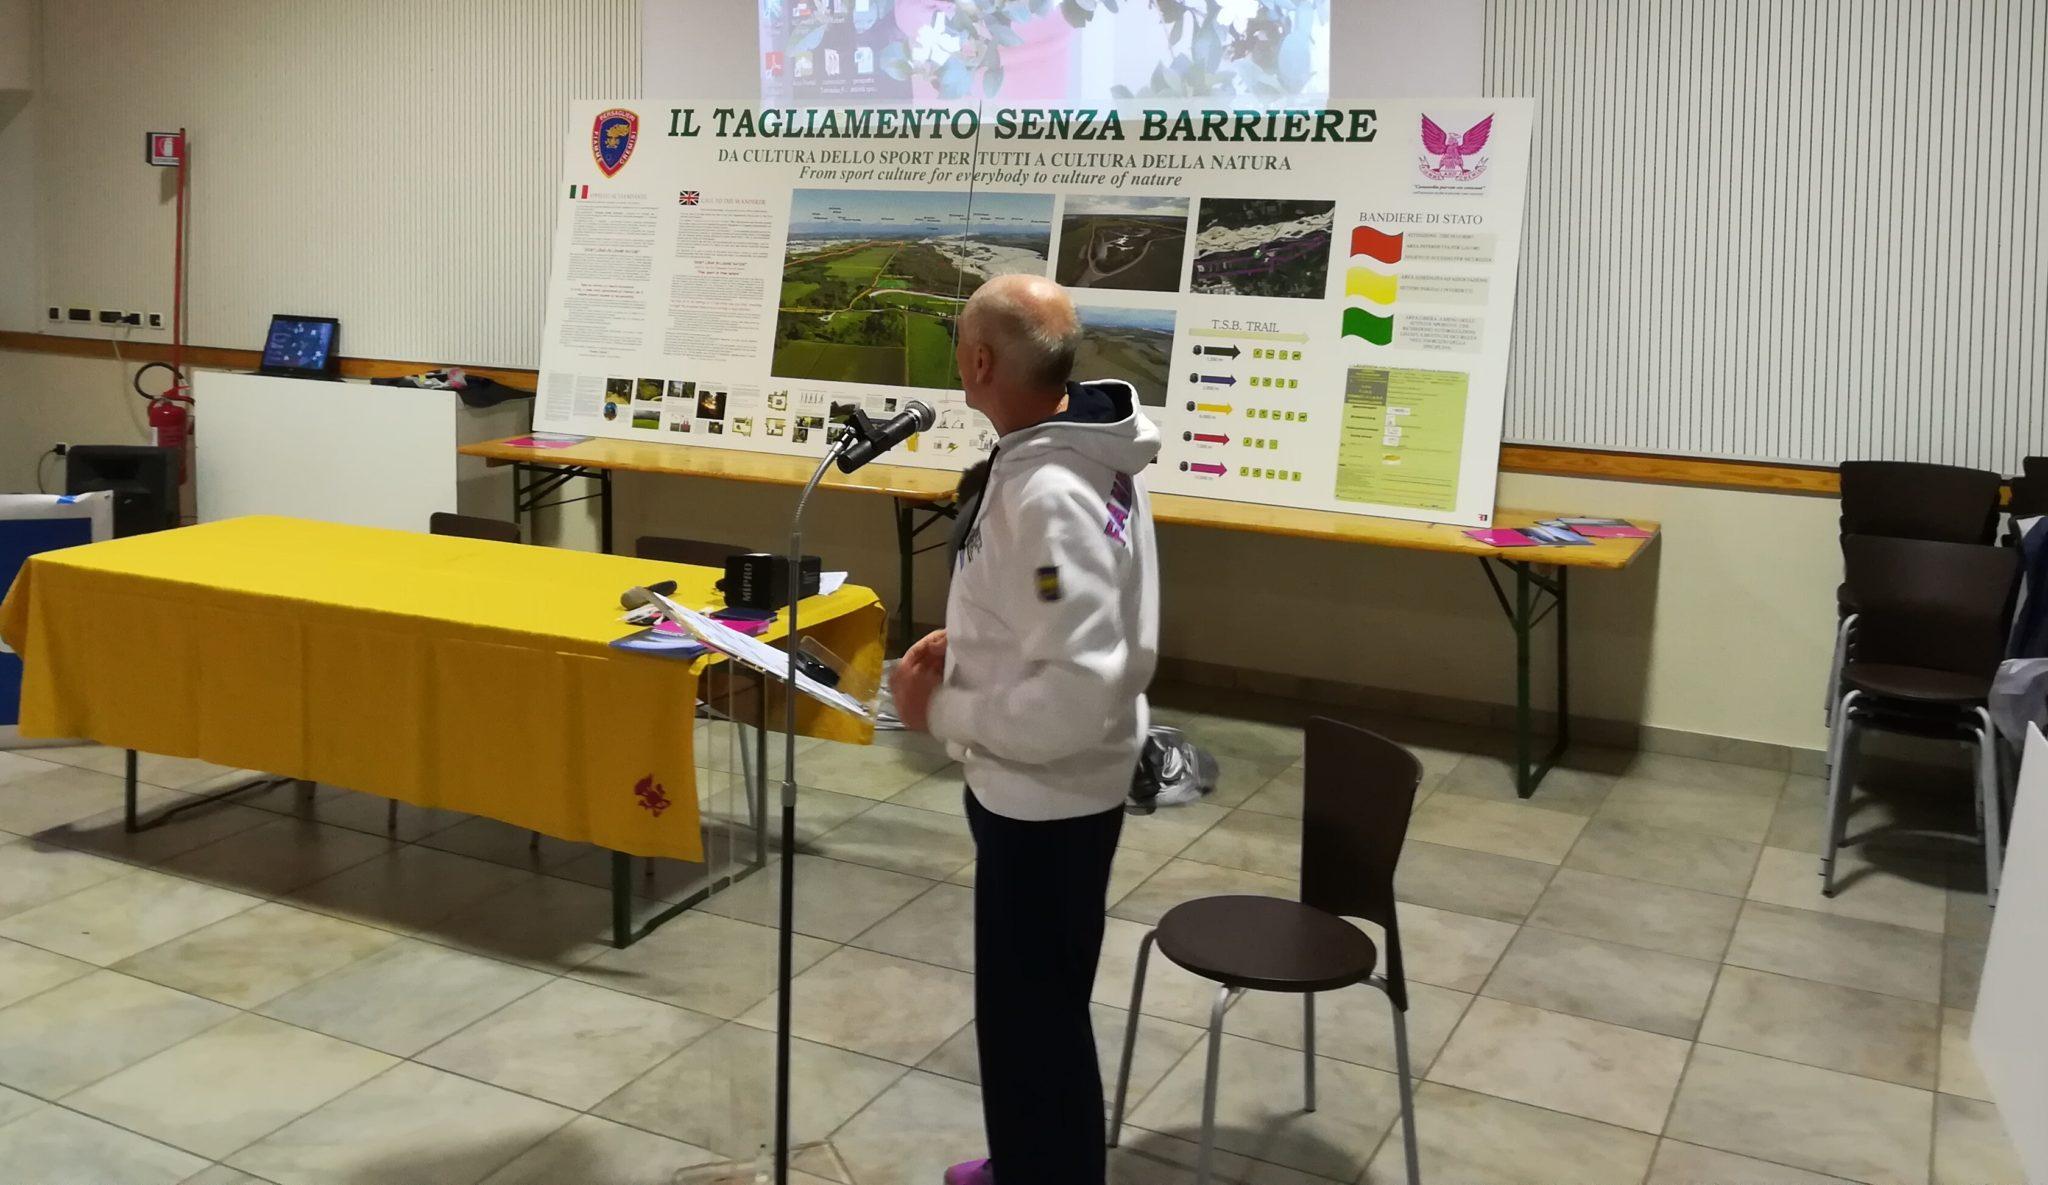 CLICCA SULL 'IMMAGINE UN SOGNO CHIAMATO TAGLIAMENTO SENZA BARRIERE